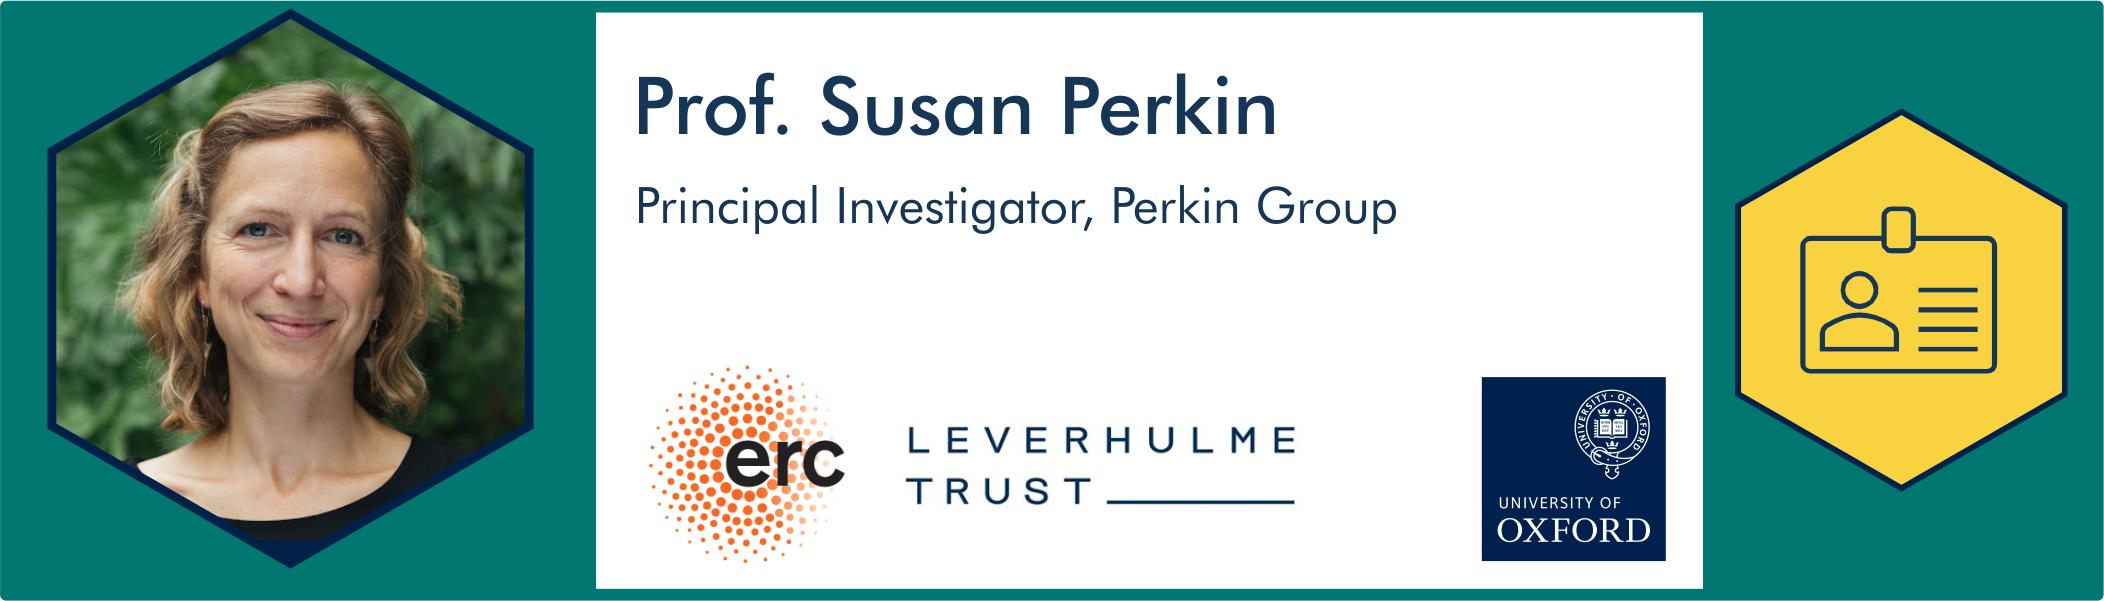 Prof. Susan Perkin further information